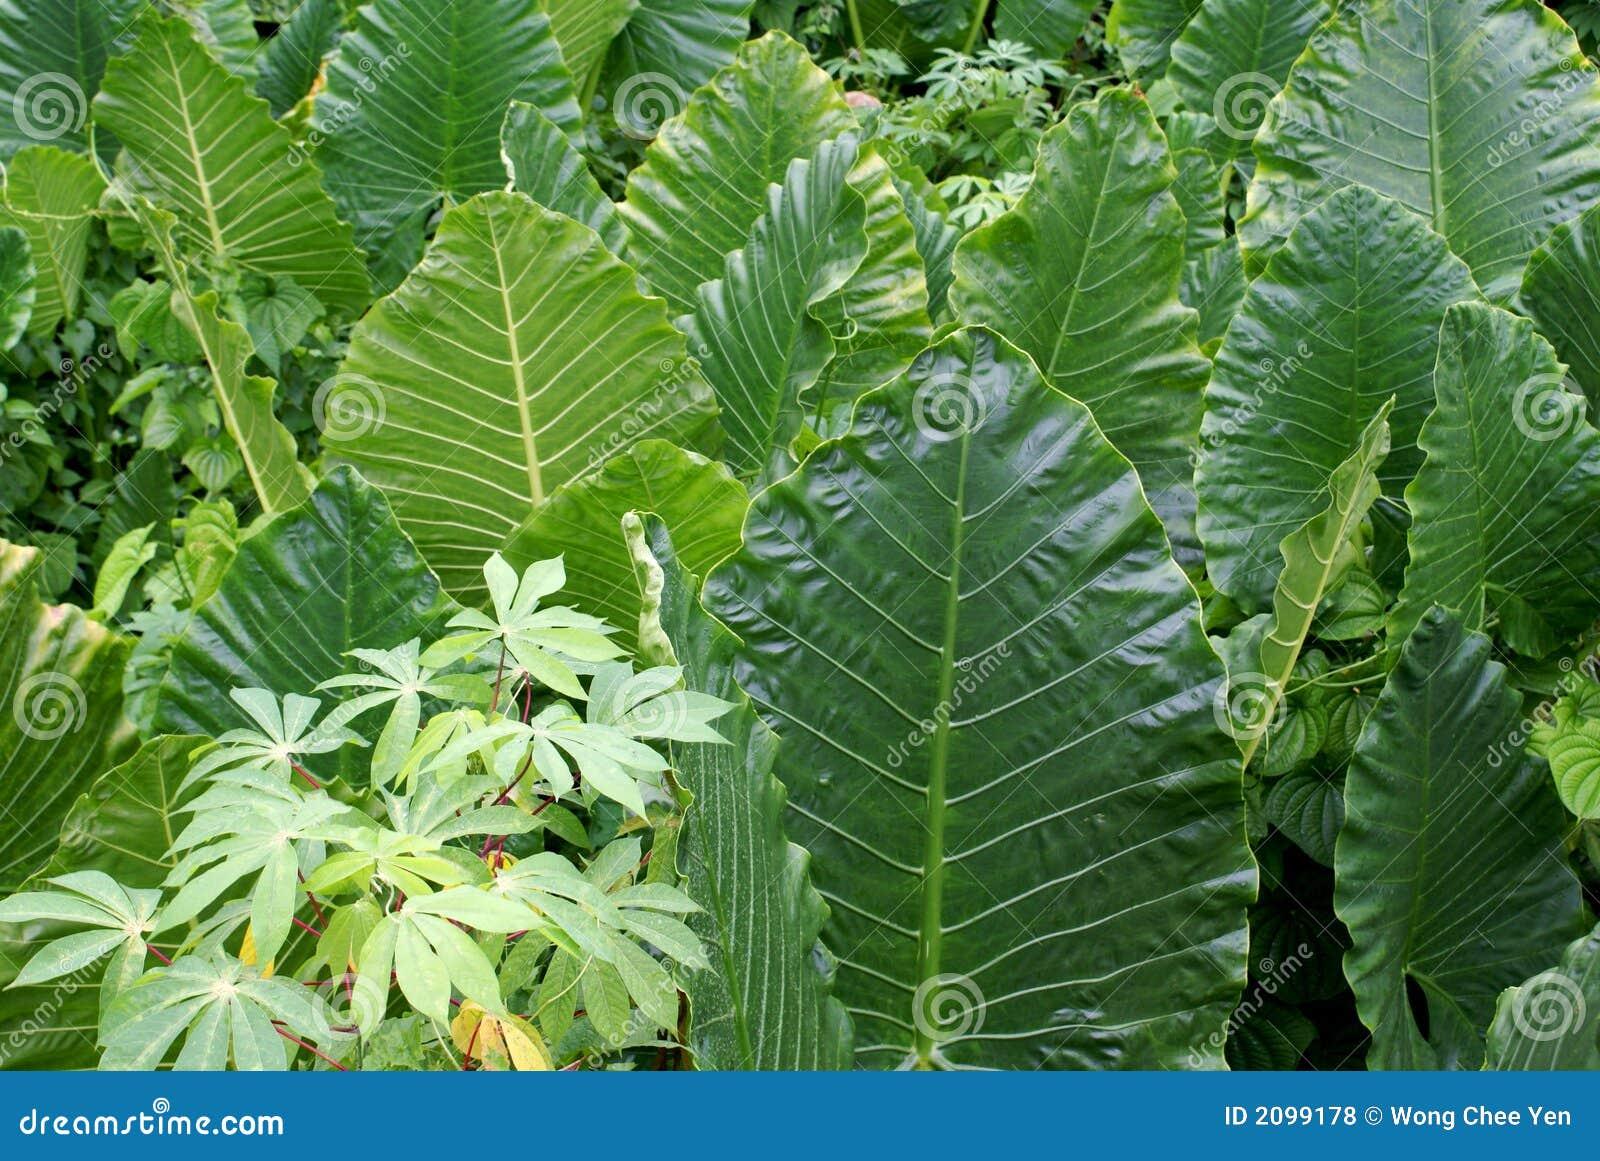 Hojas de las plantas tropicales fotos de archivo libres de - Plantas de hojas grandes y verdes de exterior ...